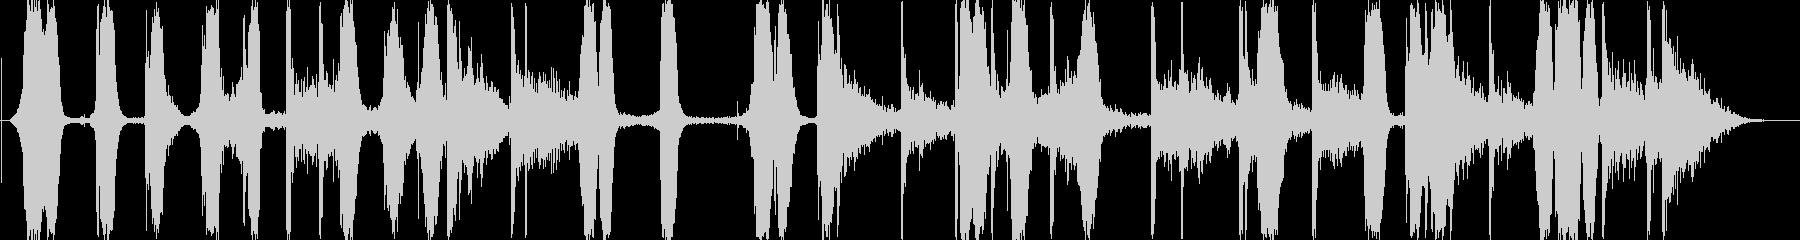 バレンシア・ファラス・マスクレタ・フィの未再生の波形